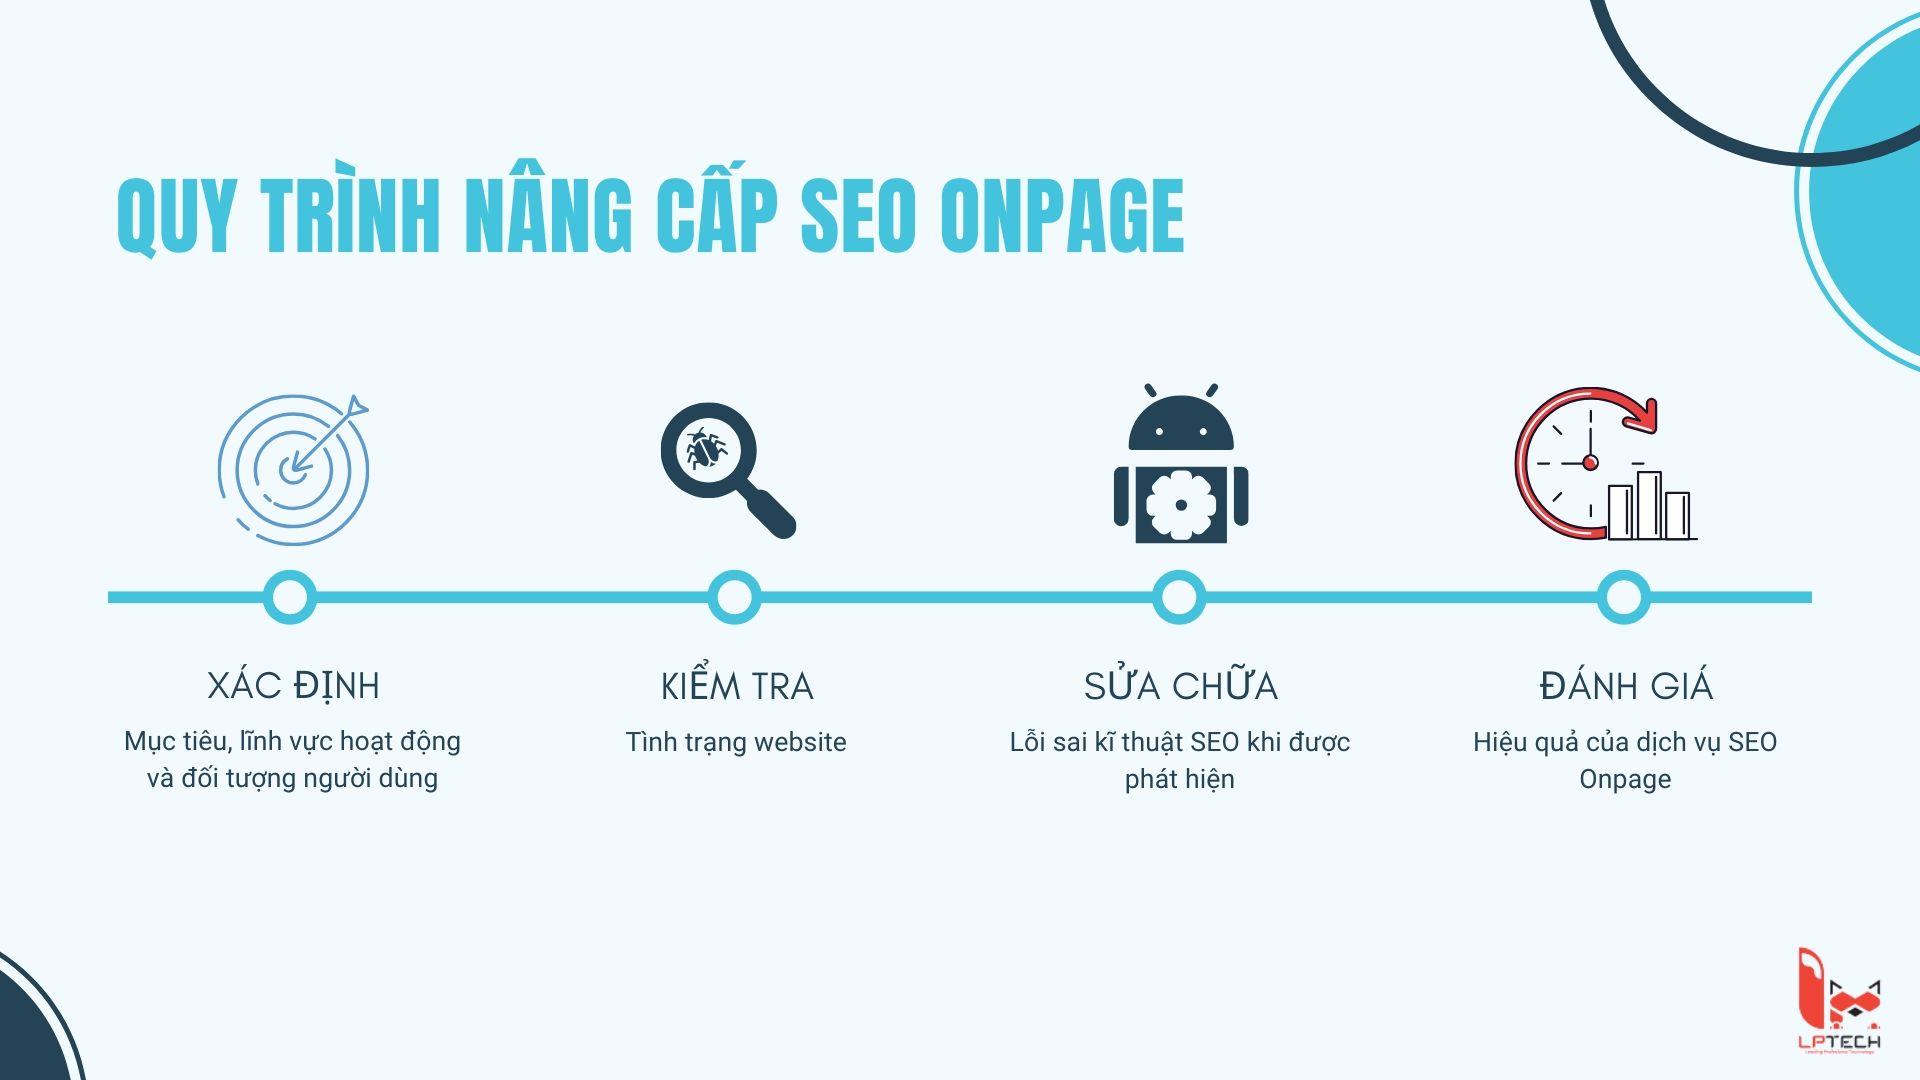 Quy trình nâng cấp SEO Onpage của LP Tech